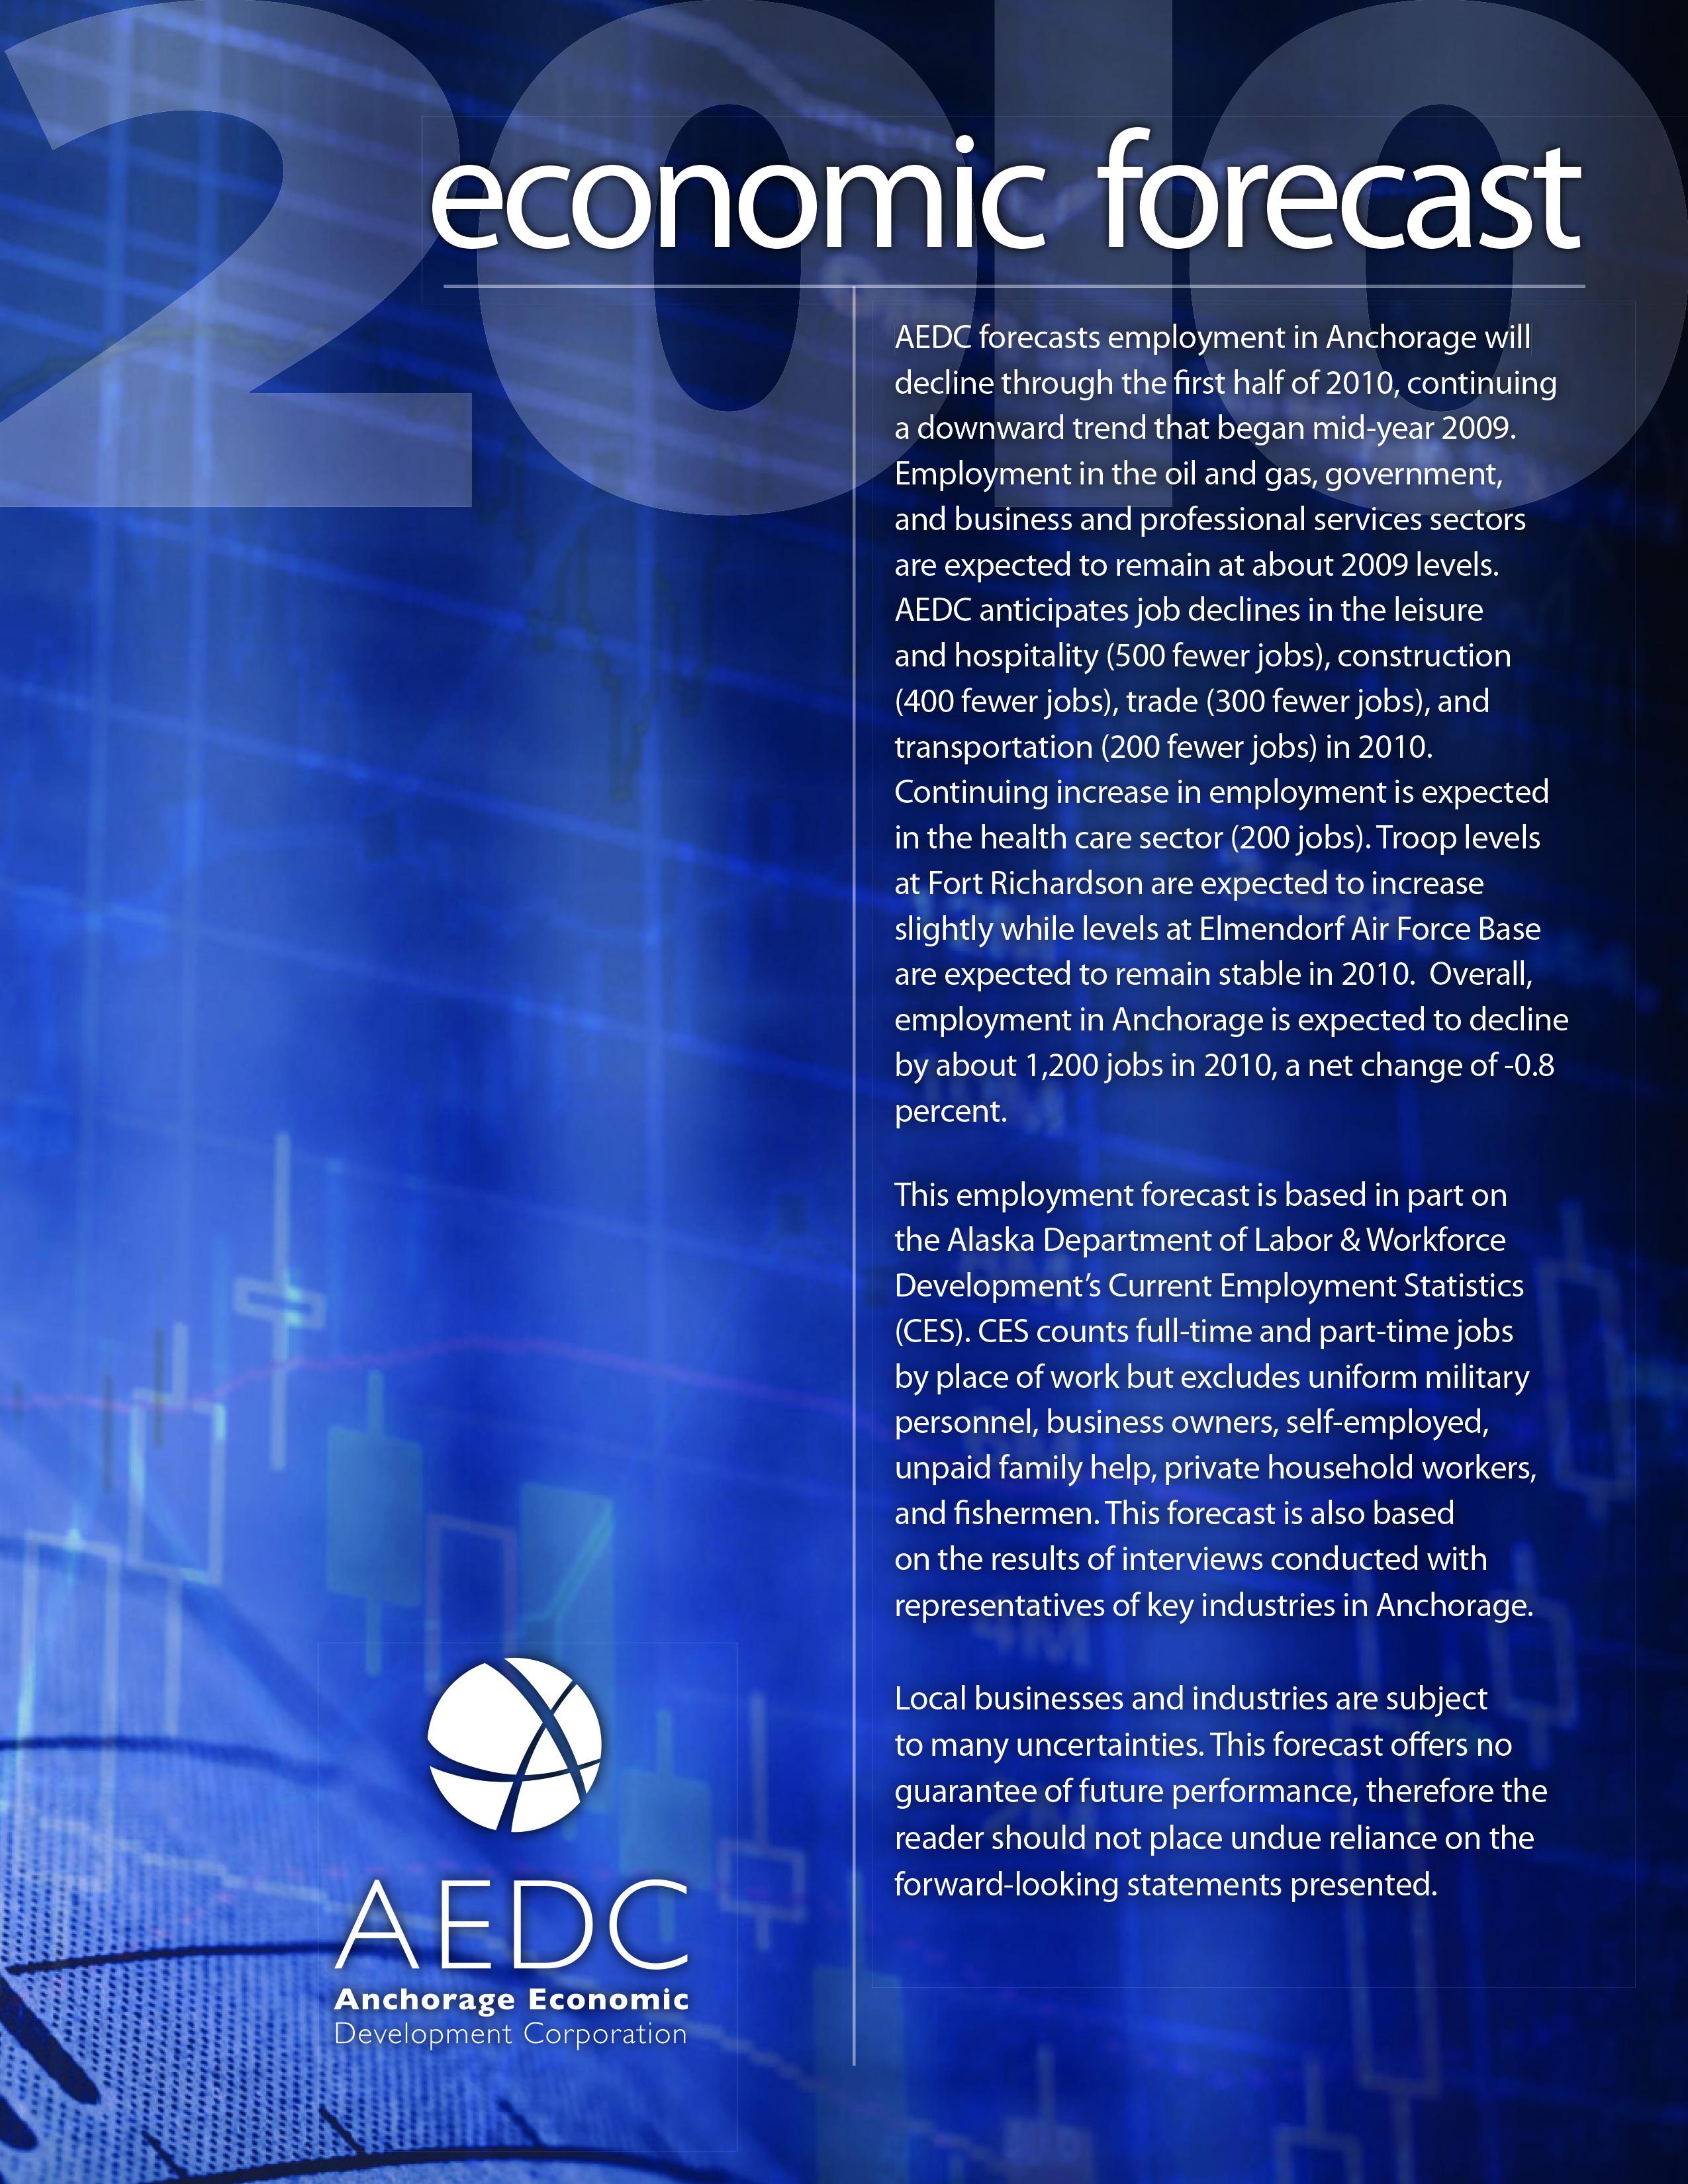 AEDC Economic Forecast Report: 2010